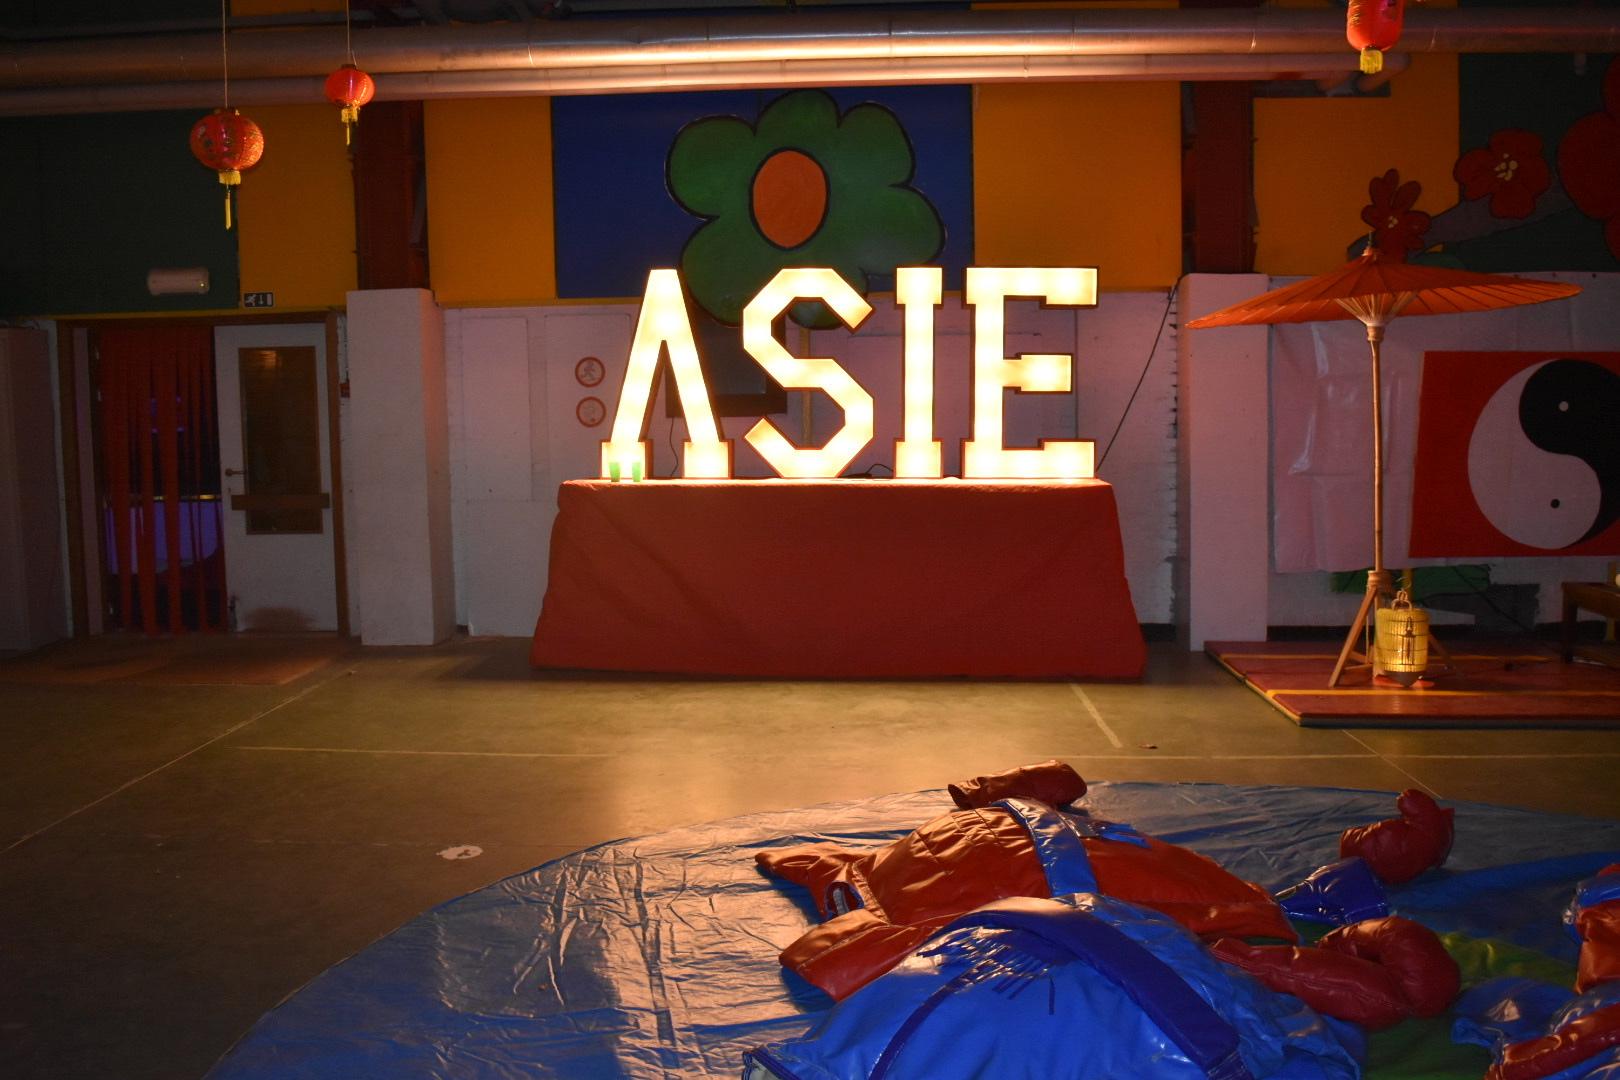 Flashletters - Asie